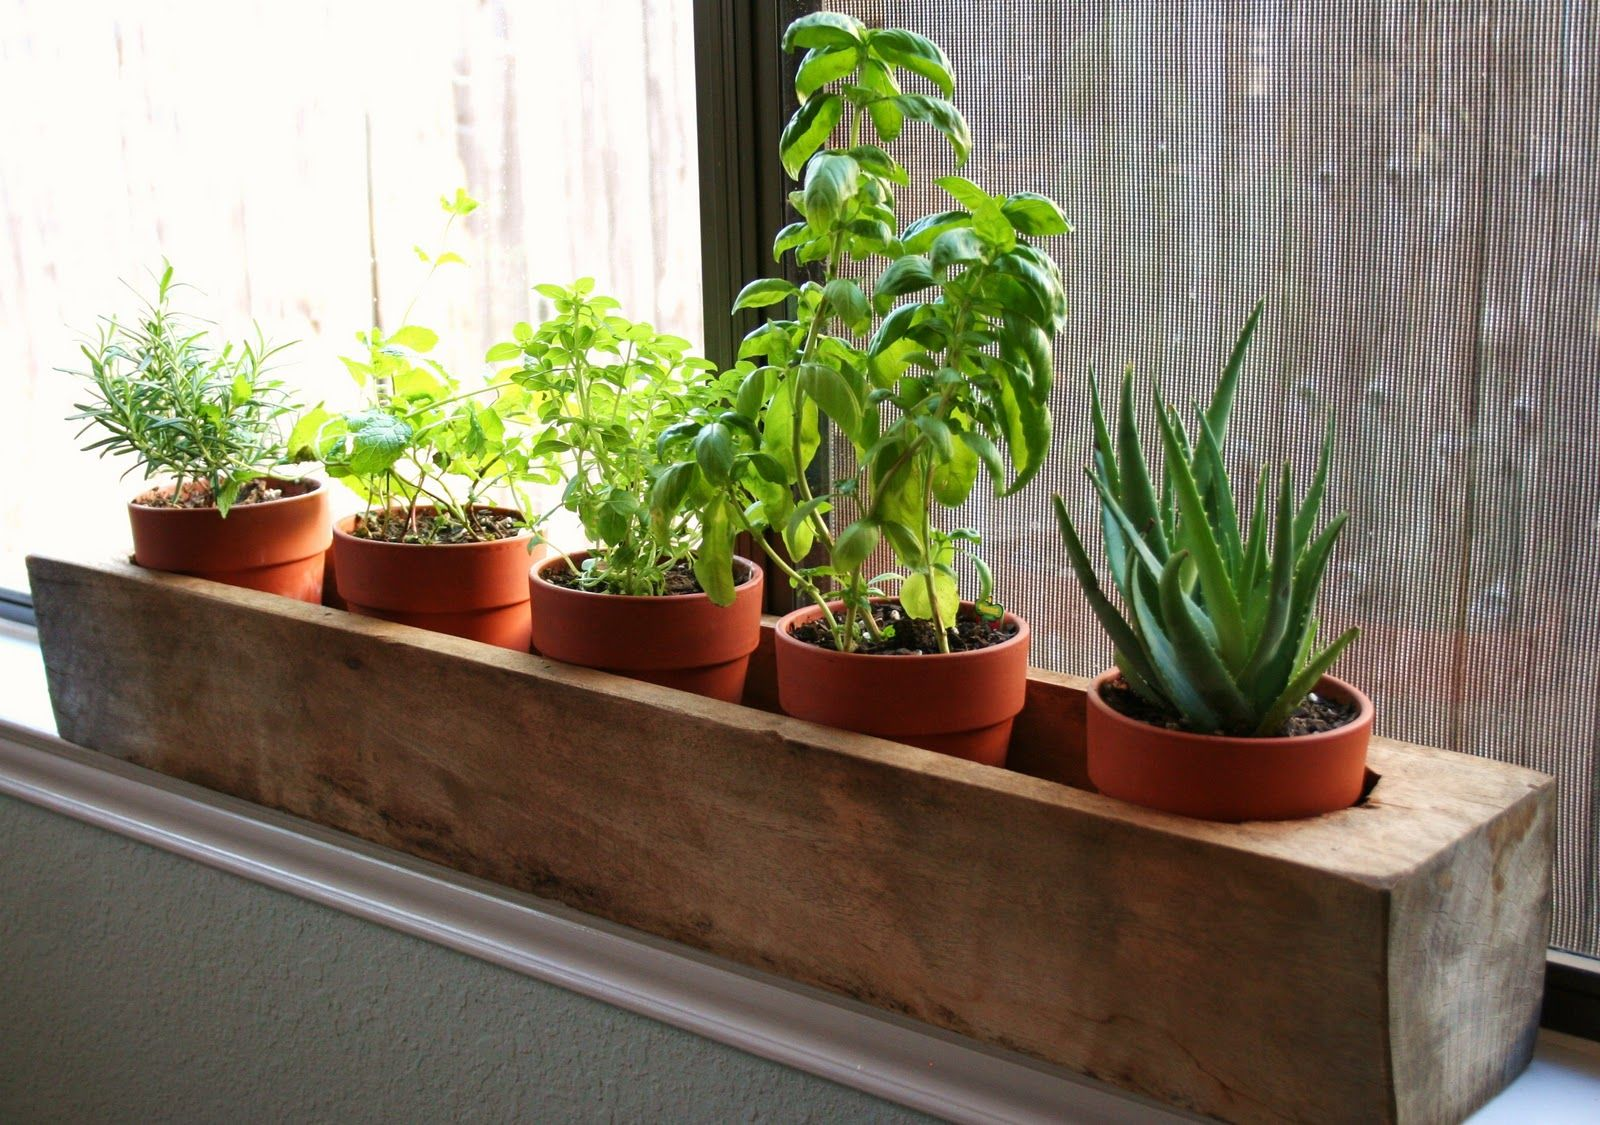 window herb planter in 2019 Herb garden in kitchen